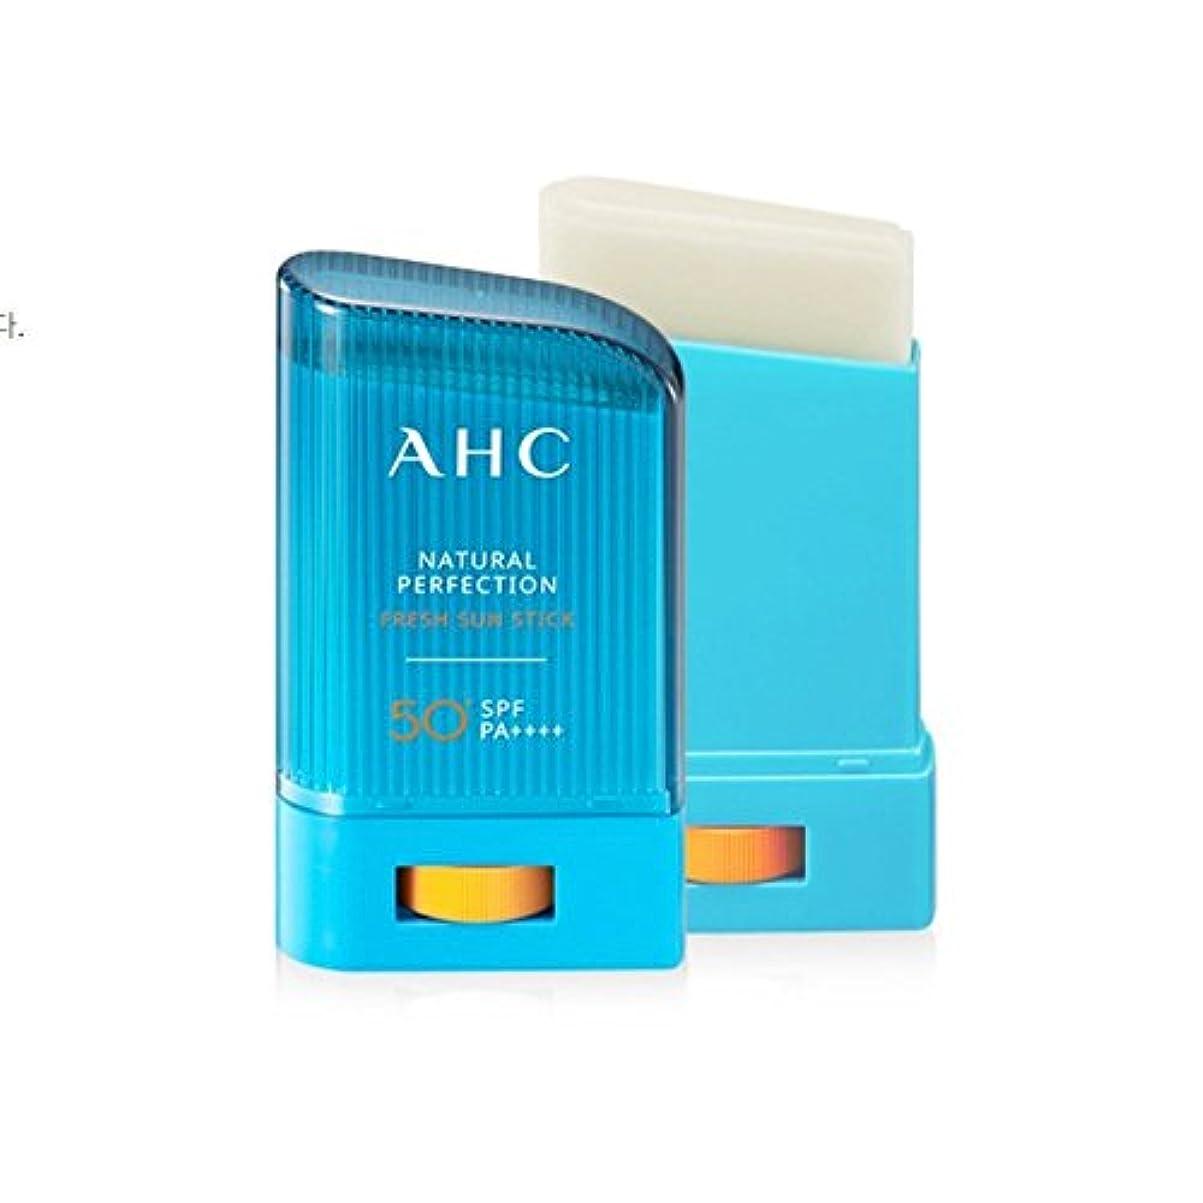 目覚めるクラック勤勉[1+1] AHC Natural Perfection Fresh Sun Stick ナチュラルパーフェクションフレッシュサンスティック 22g * 2個 [並行輸入品]